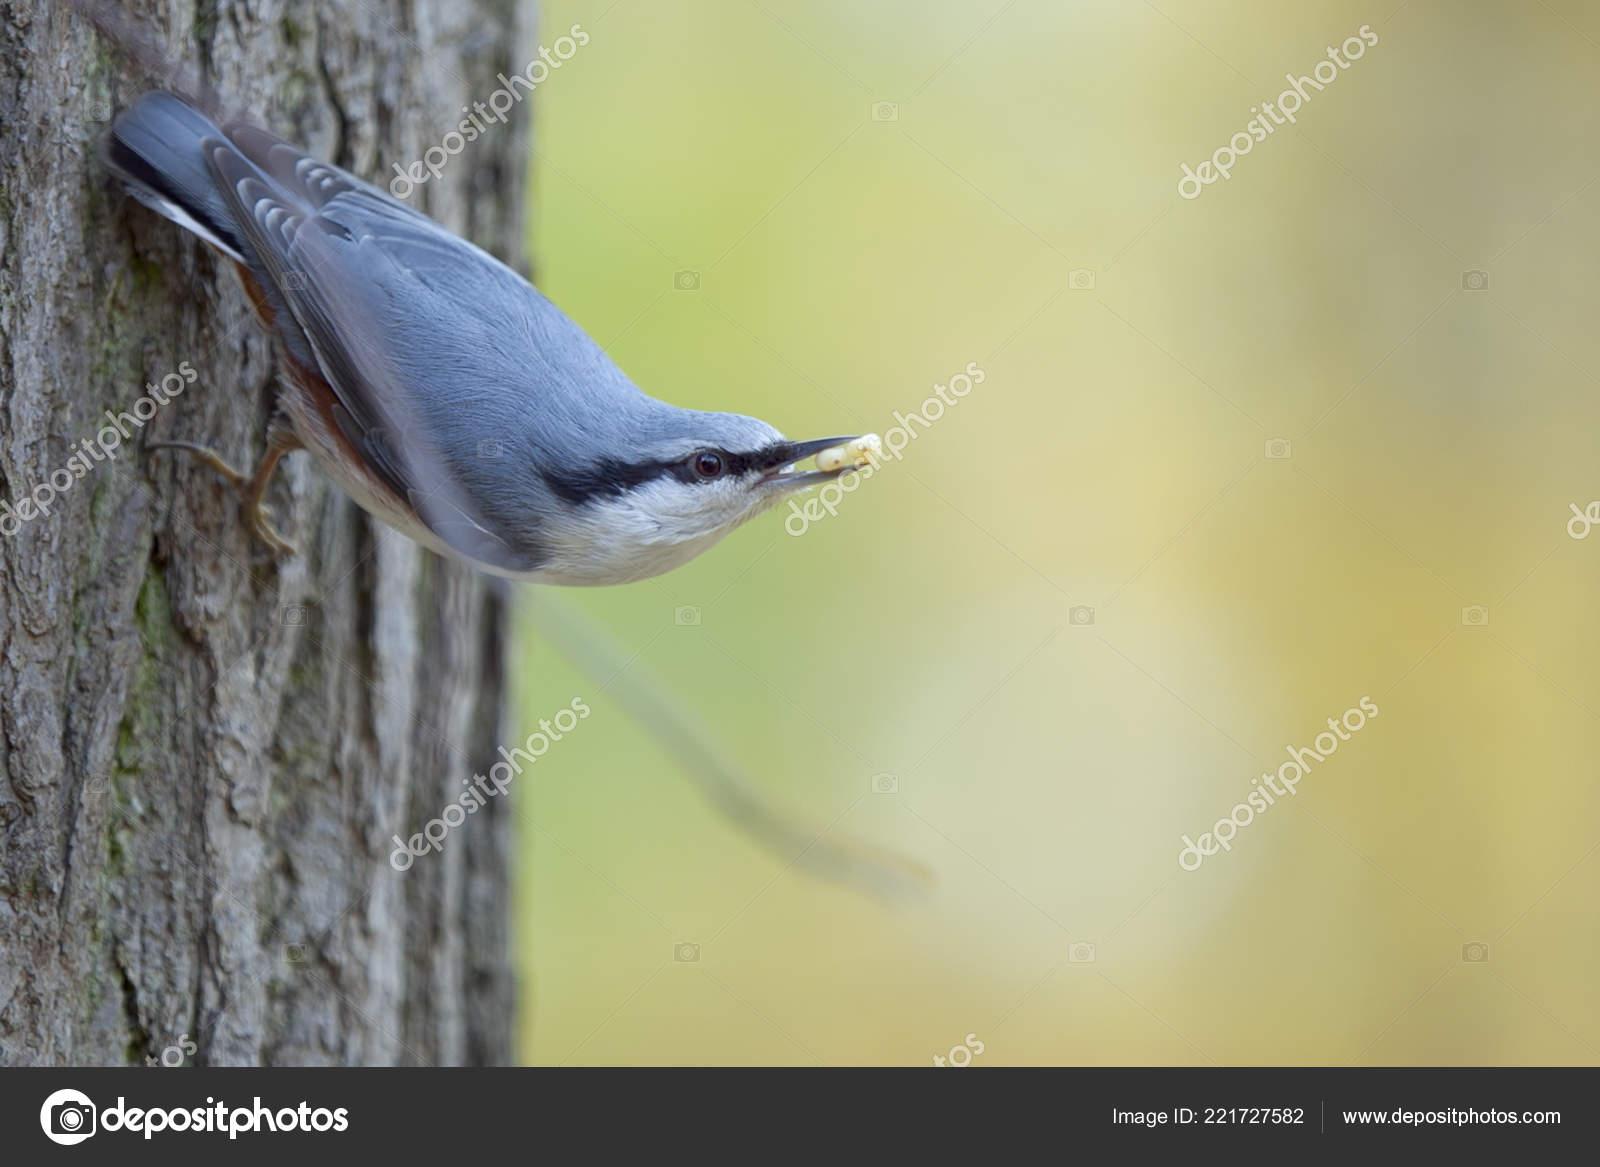 το πουλί σας σε μεγάλο